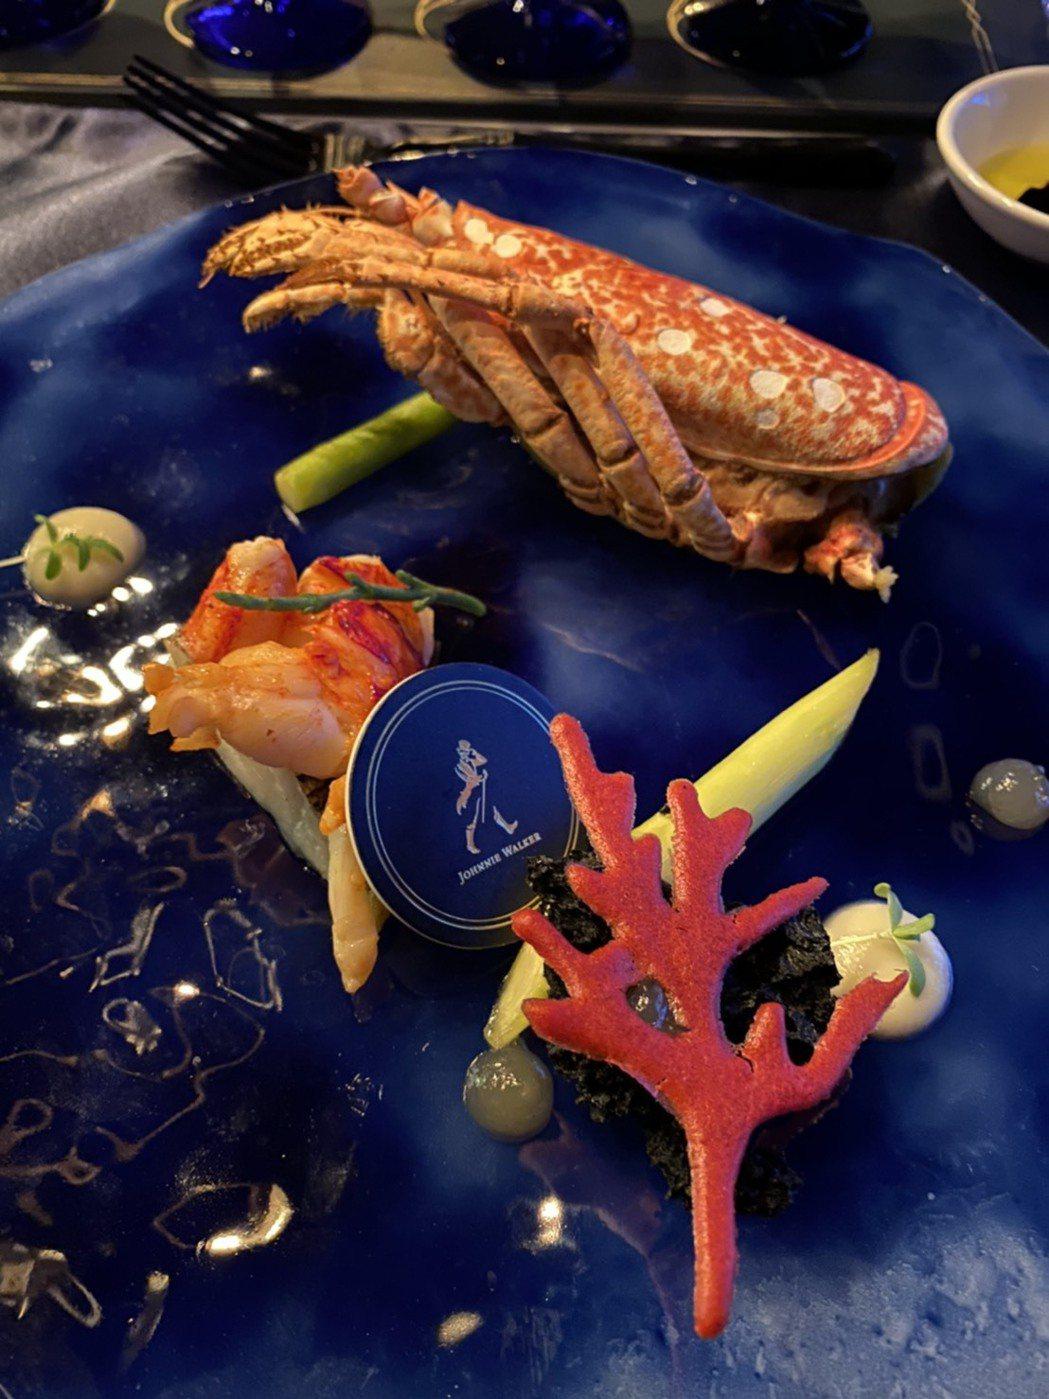 主菜部分更端出「布列塔尼藍龍蝦+奶油紅蝦燉飯」,精選罕見的法國布列塔尼藍龍蝦,透...